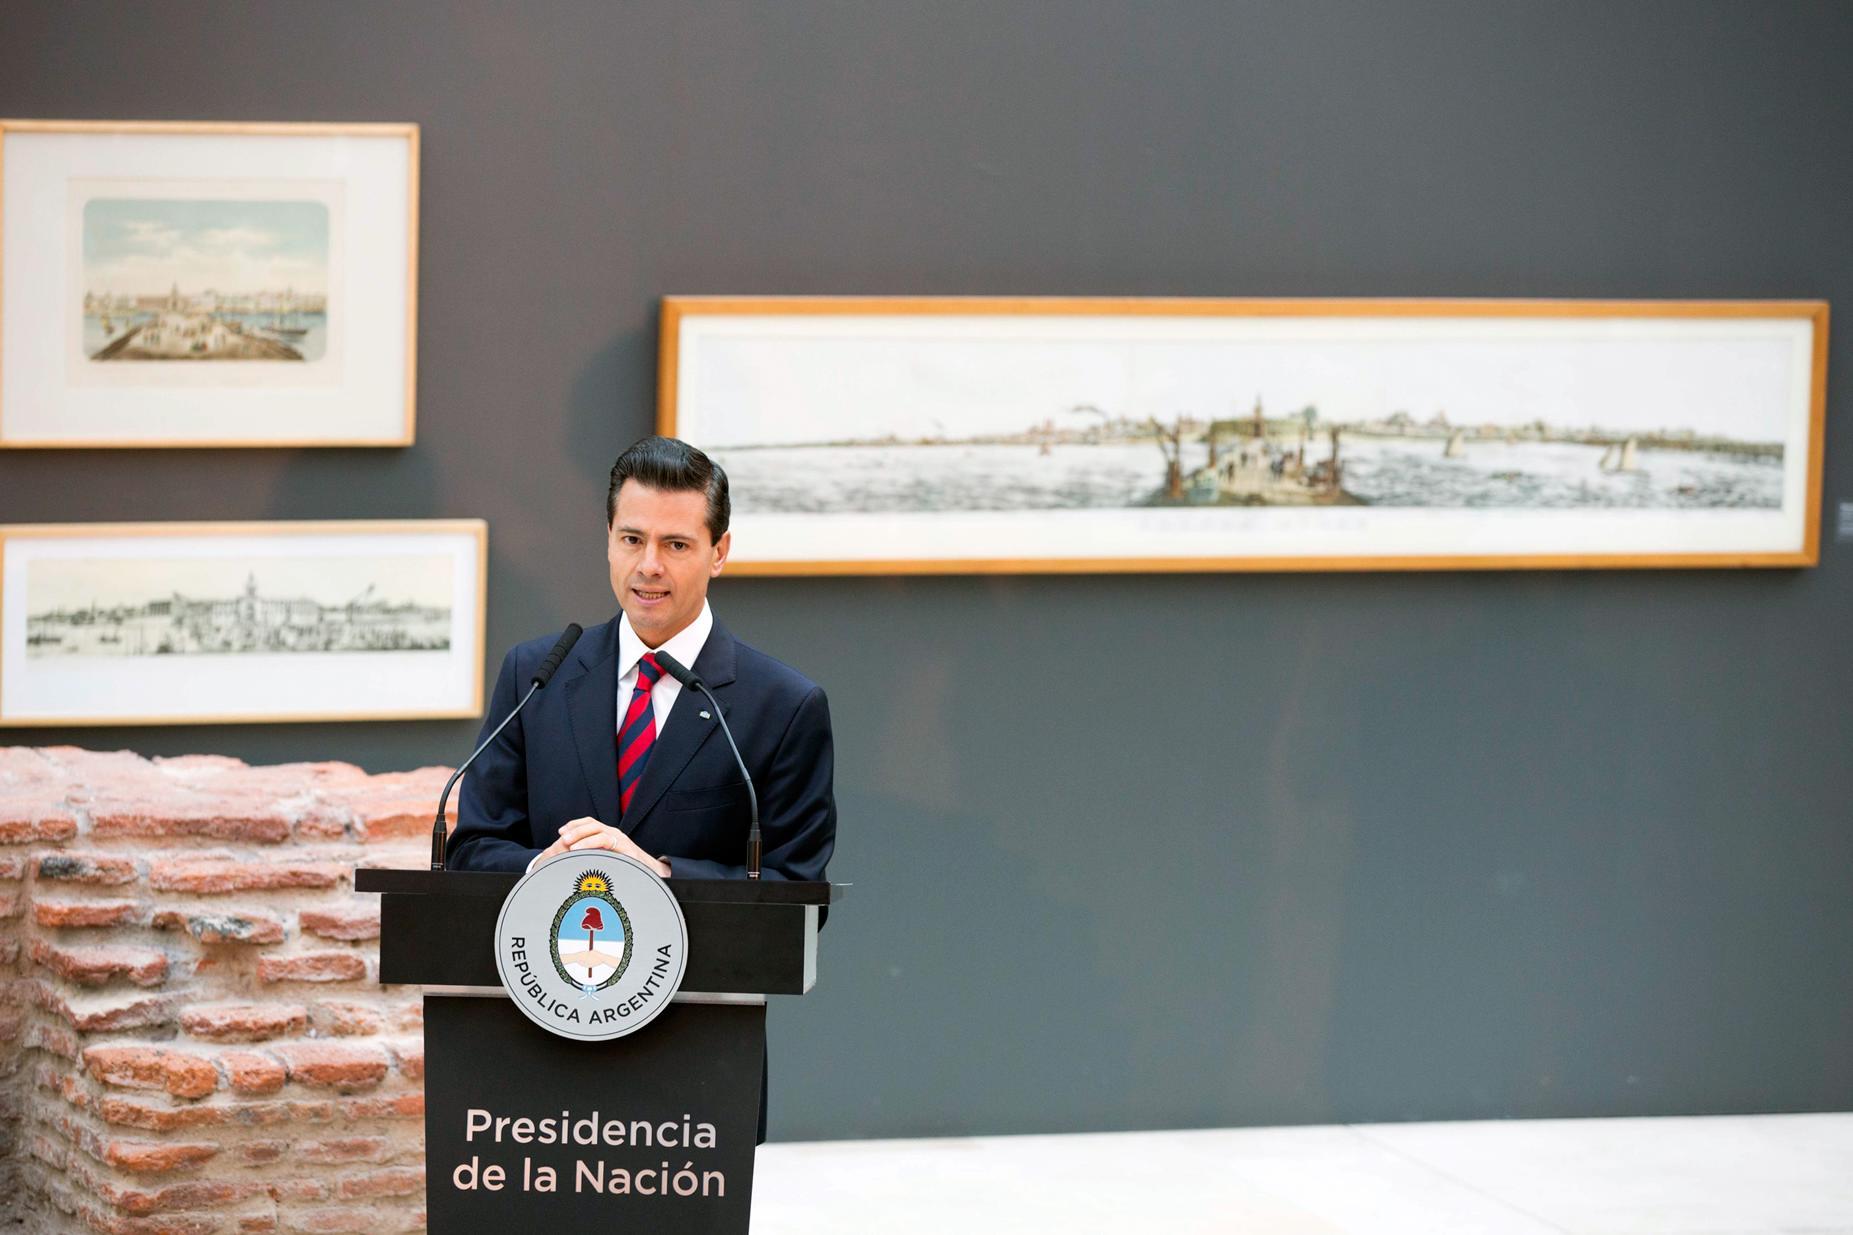 El comercio entre México y Argentina asciende a 2 mil 500 millones de dólares.